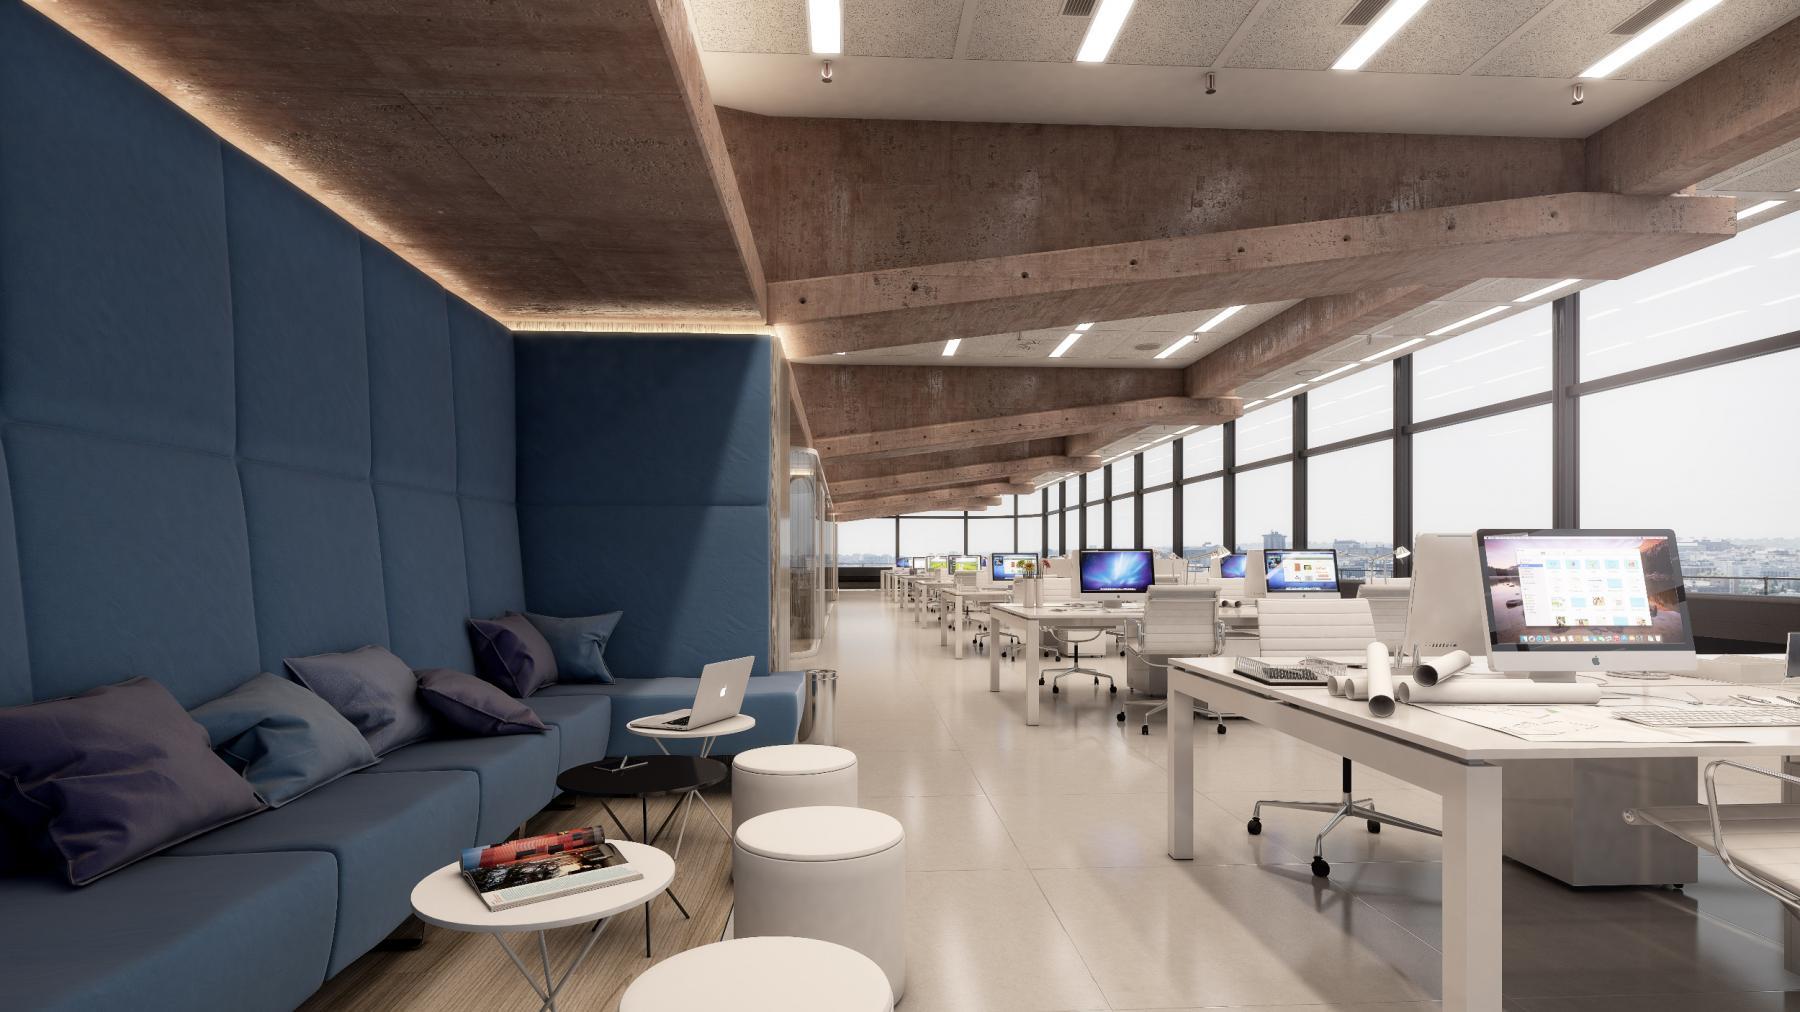 Alquilar oficinas Paseo de la Castellana 81, Madrid (5)